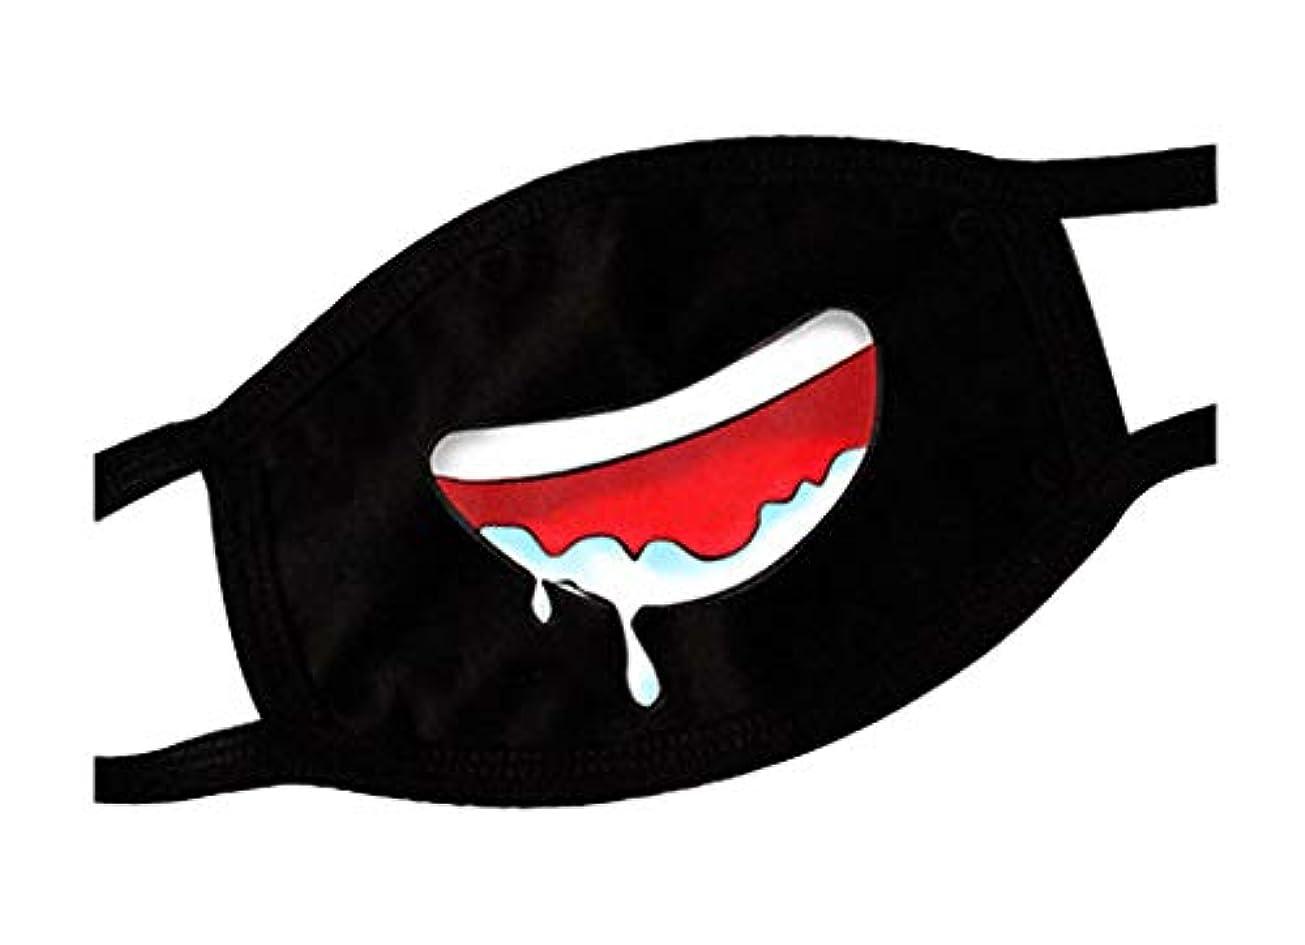 伝導率振幅ルーキーブラック面白い口のマスク、十代のかわいいユニセックスの顔の口のマスク、F2